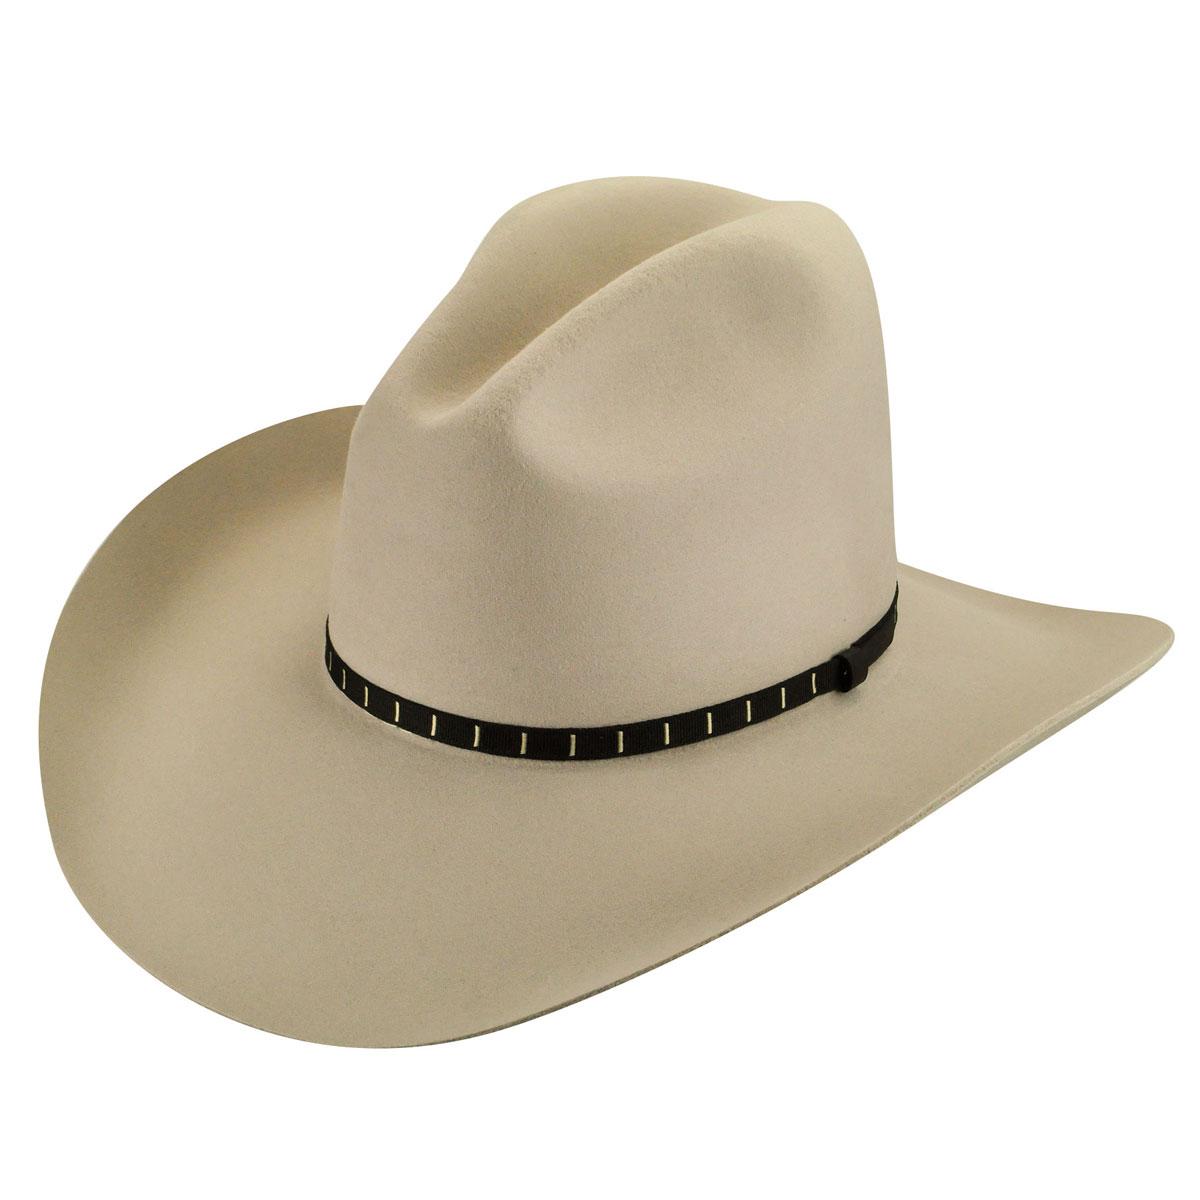 Elbridge 3X Western Hat - Silverbelly/7 1/2